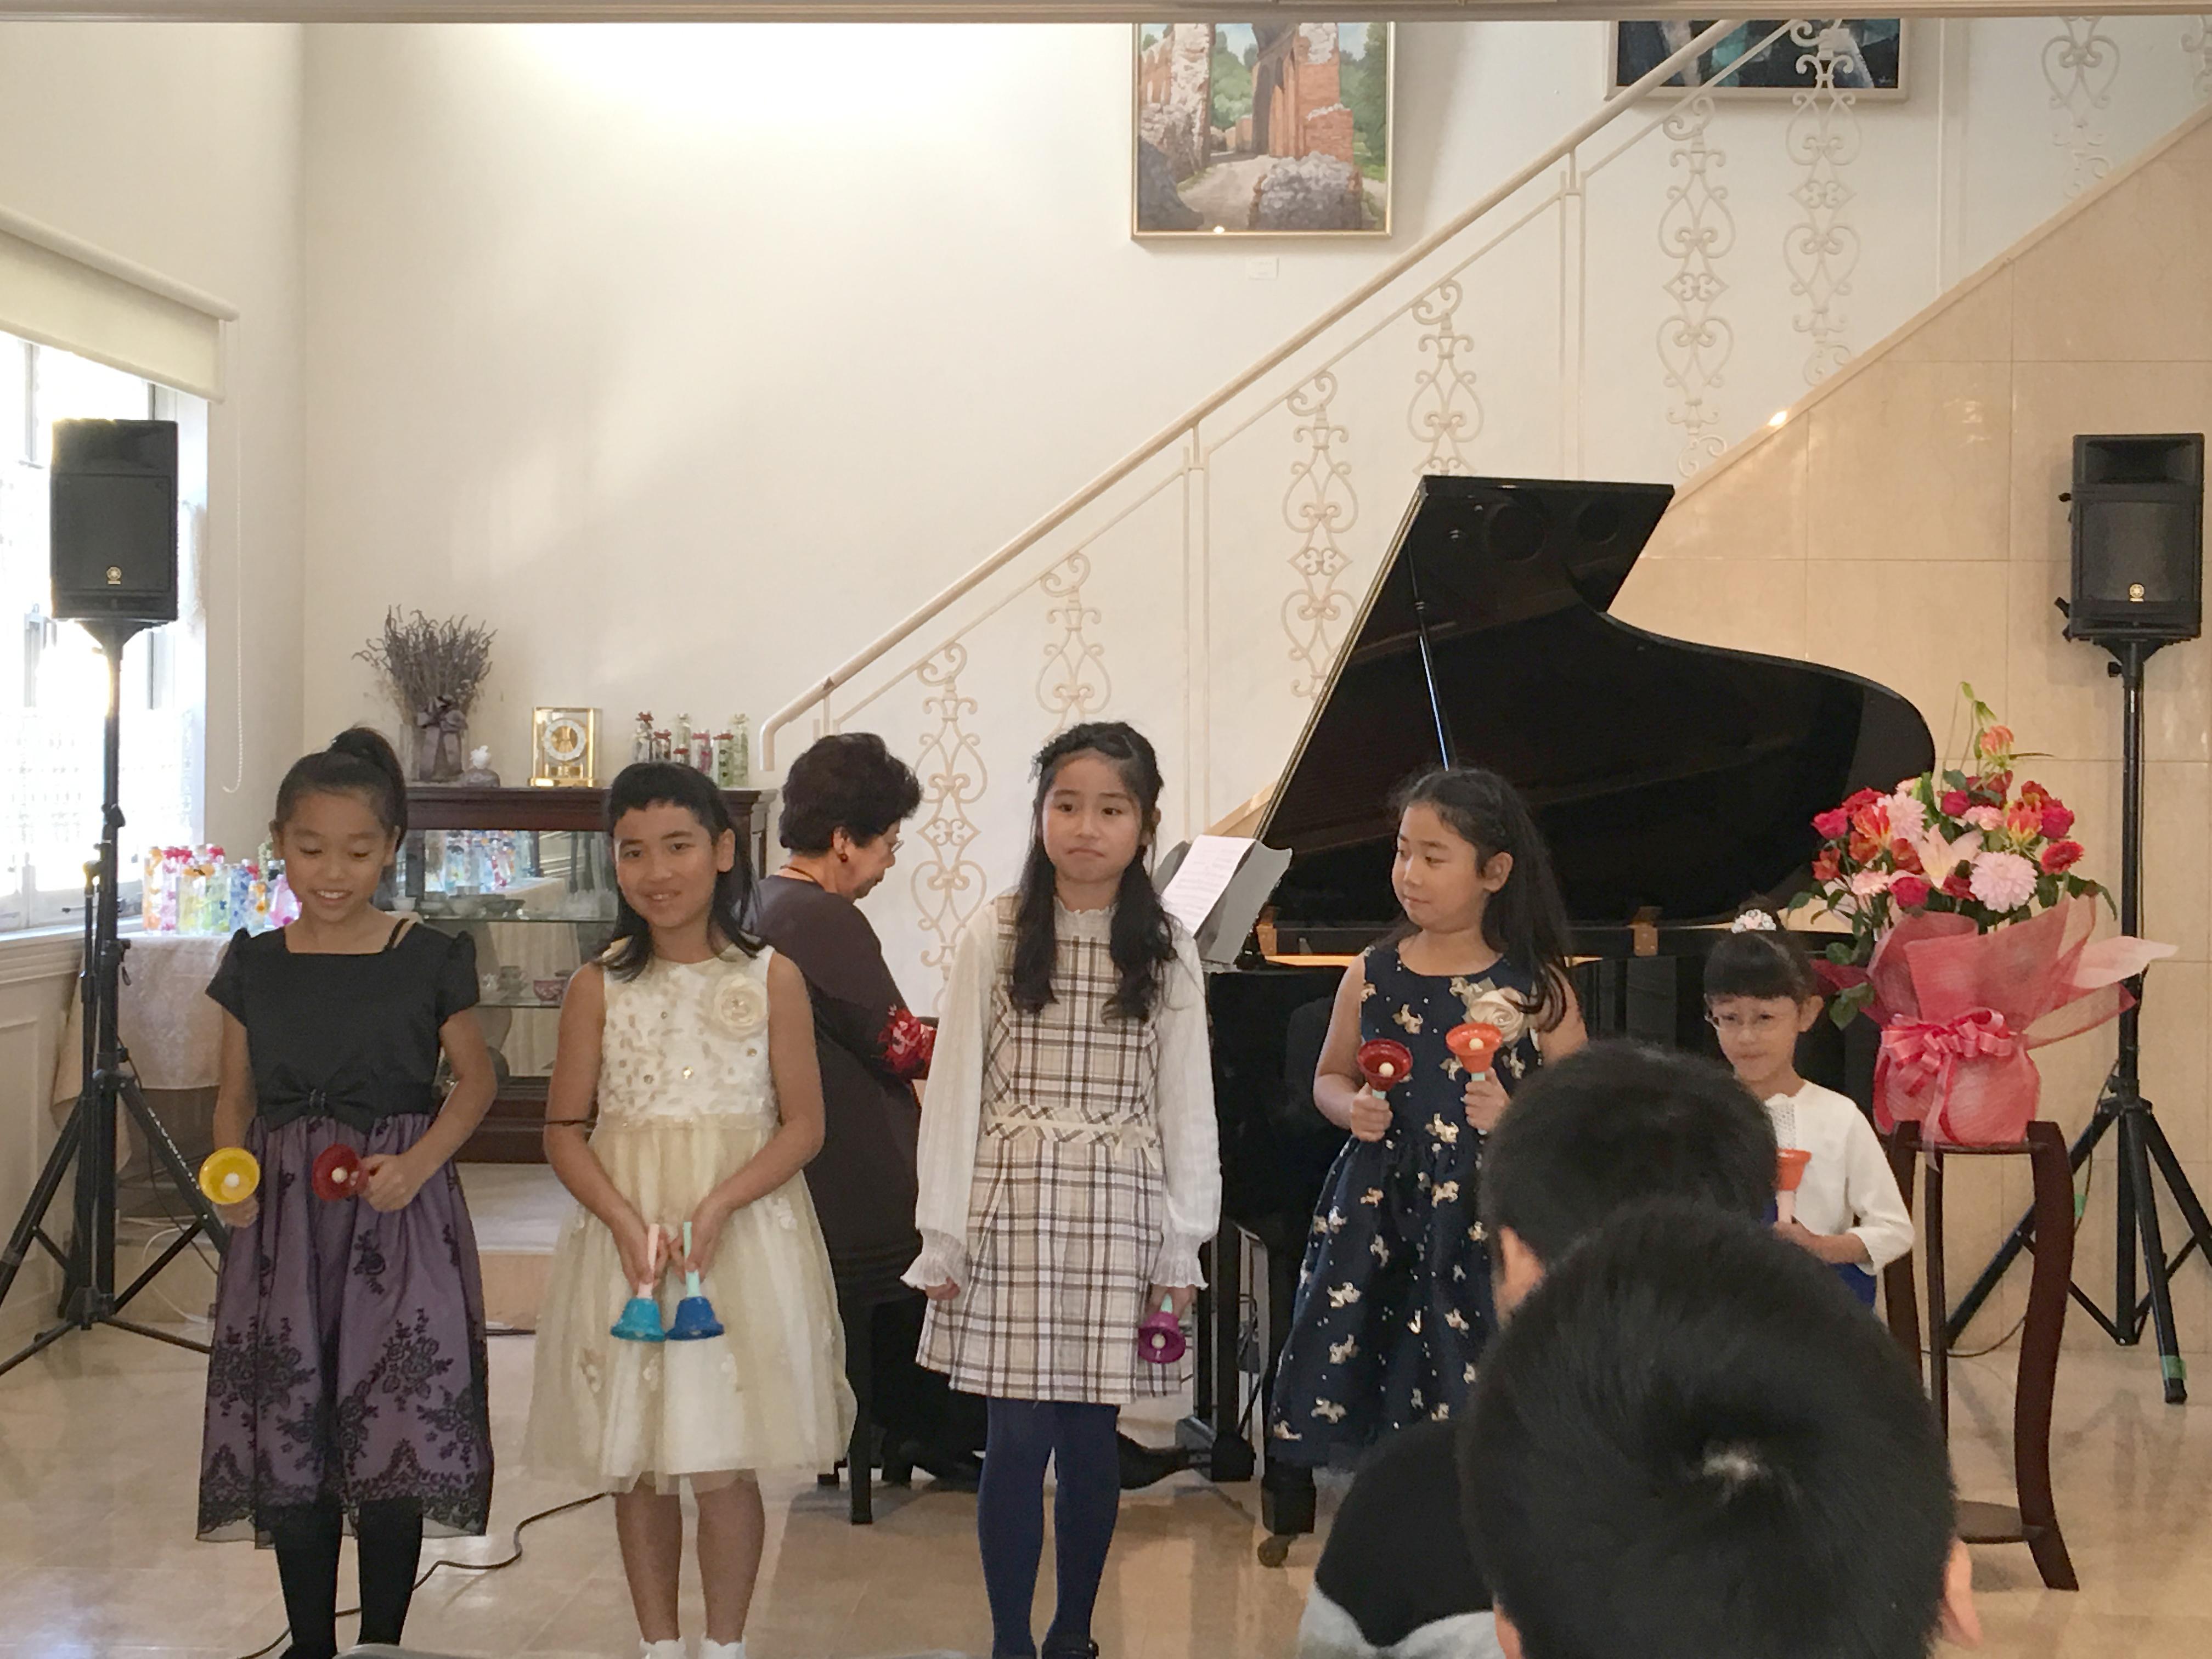 どれみ音楽教室 ピアノ発表会2018.12.24 ピアノコンサート